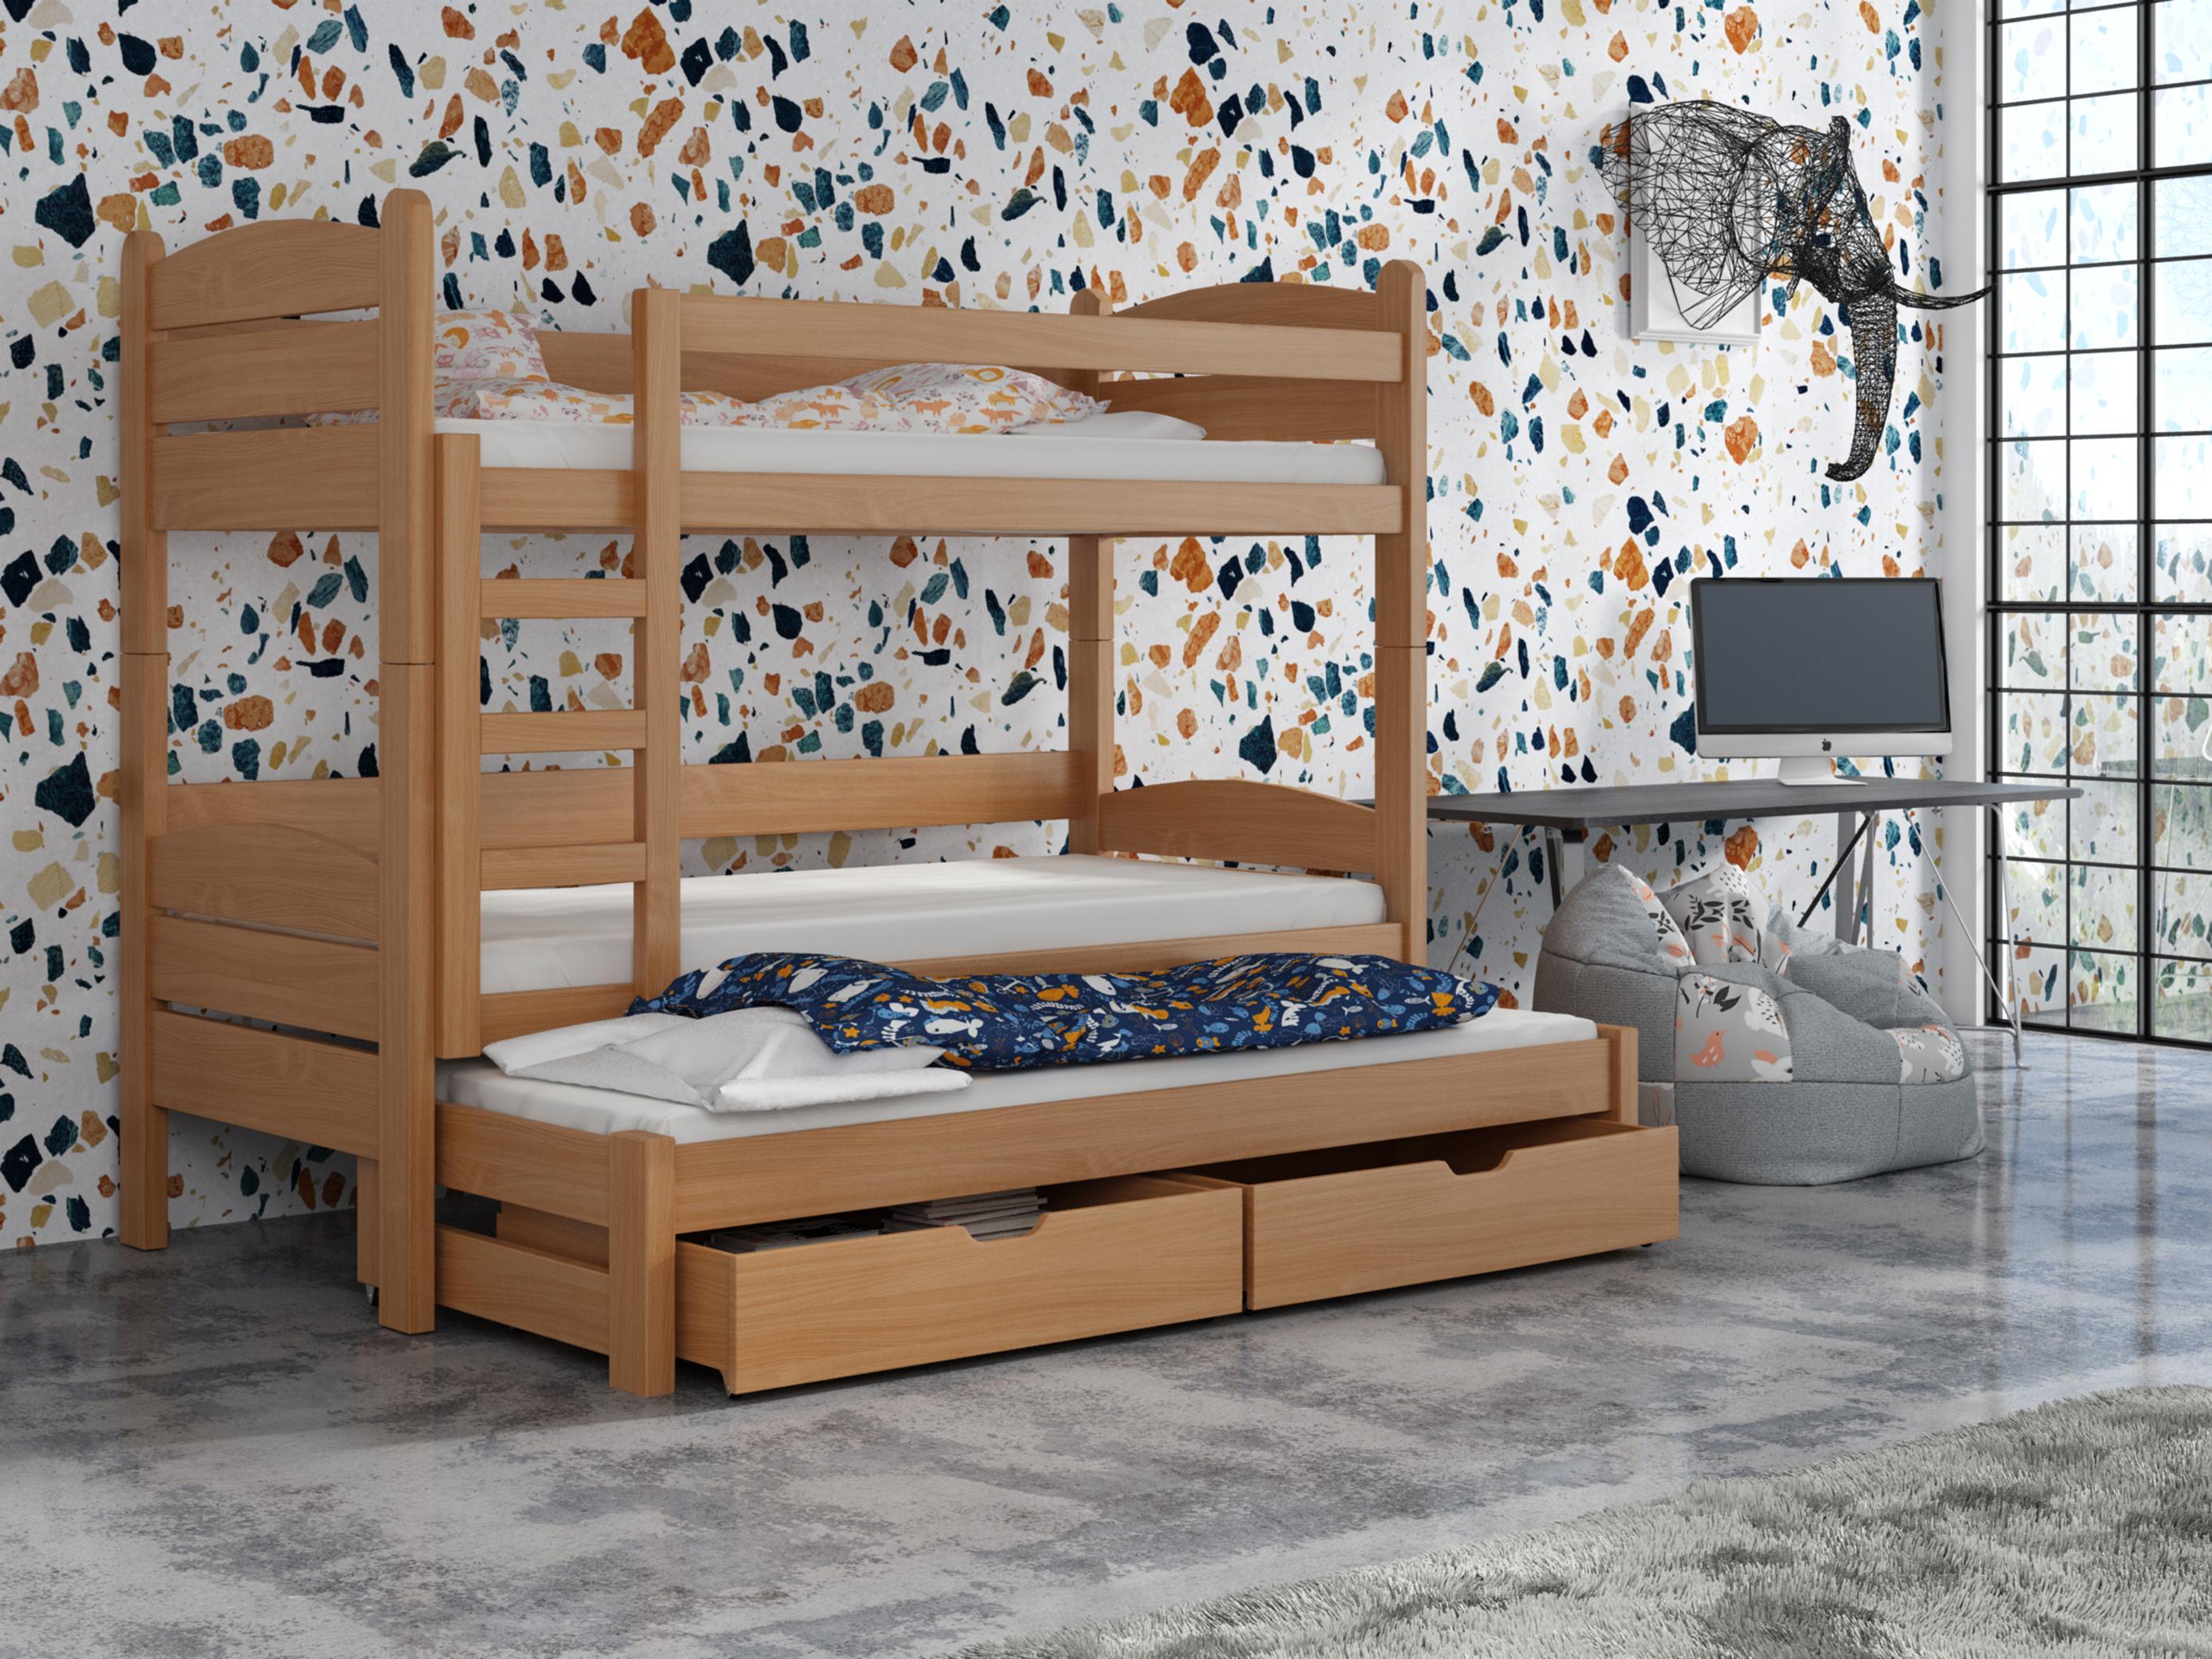 Dětská patrová postel 90 cm - Celsa (buk)